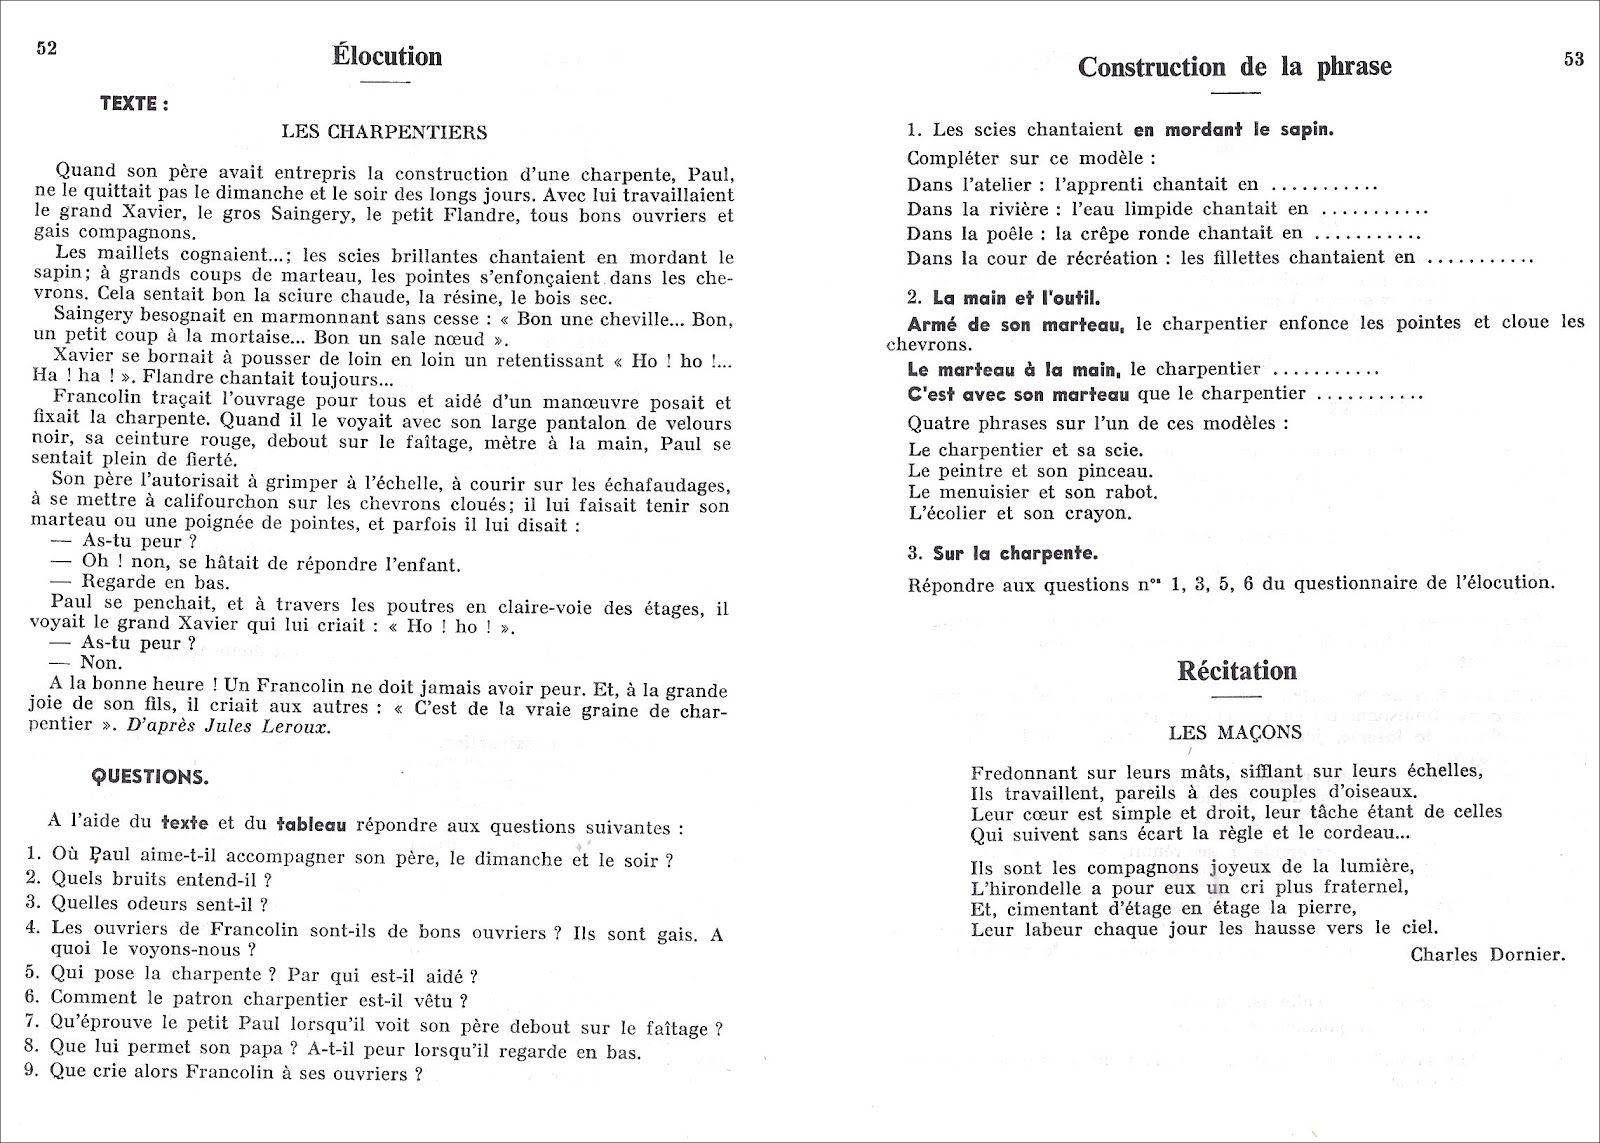 Brault Du Vocabulaire A La Construction De La Phrase Ce Vocabulaire Phrase Etude De Texte